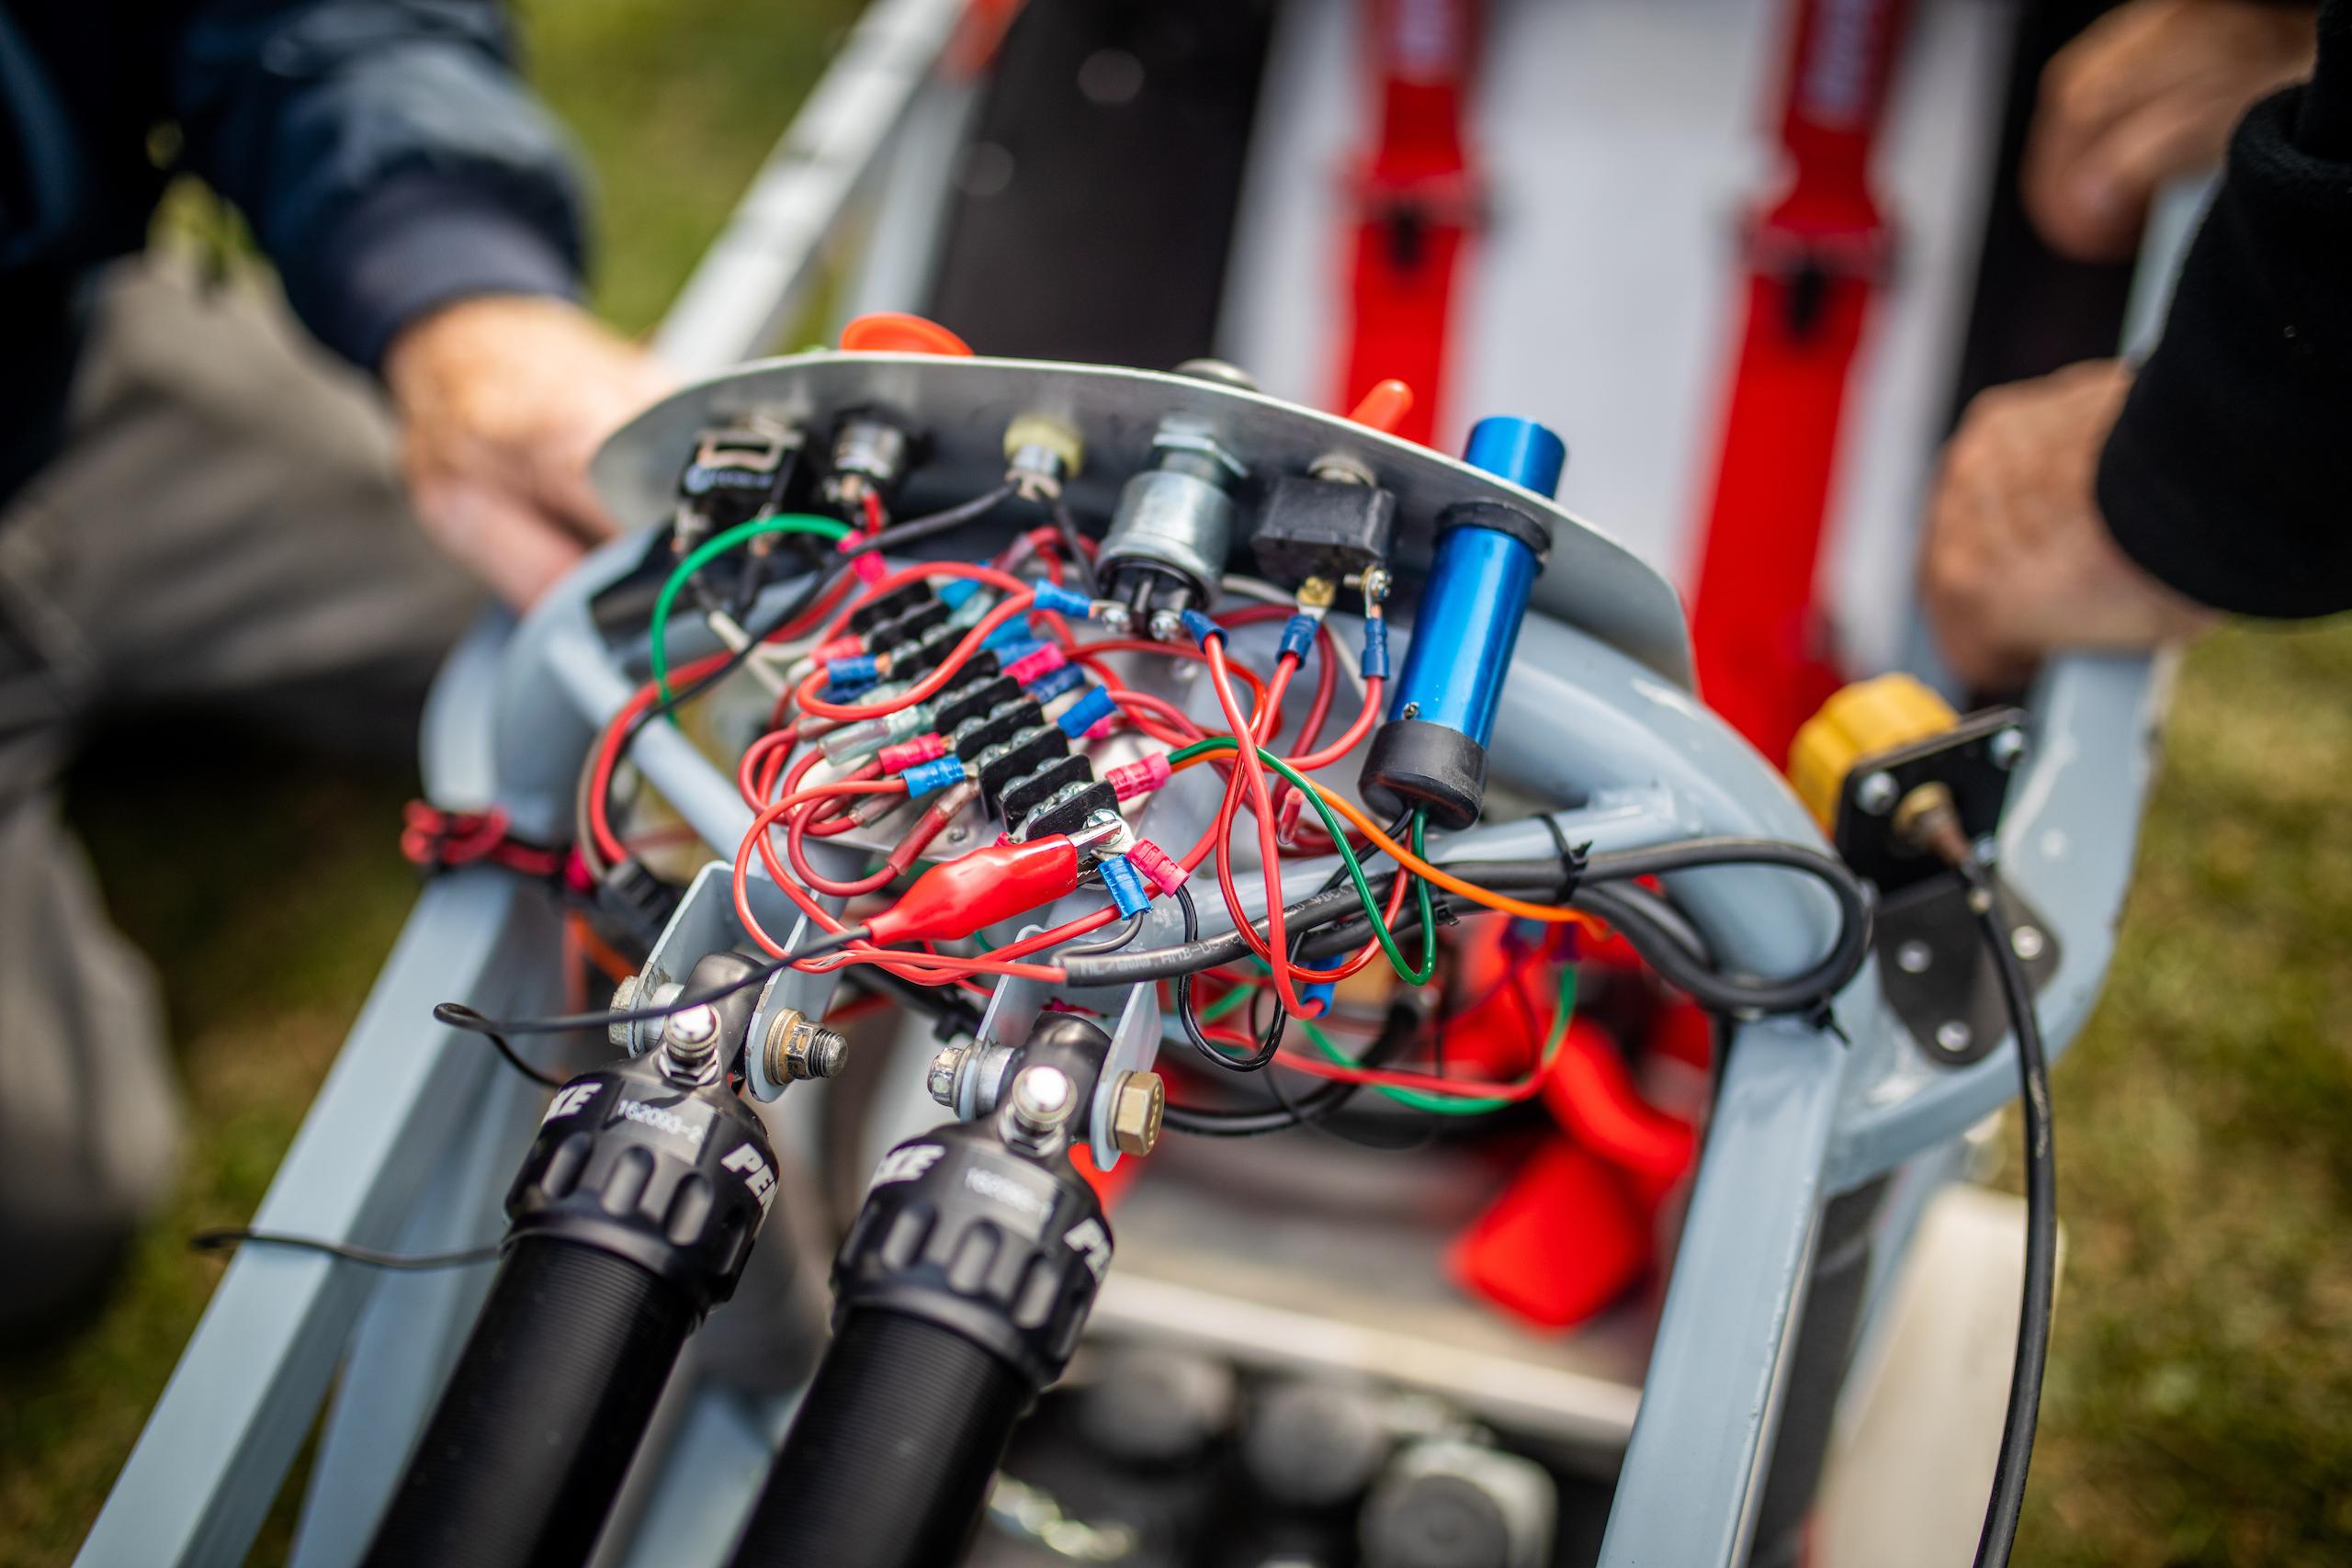 Formula First racecar eletrical